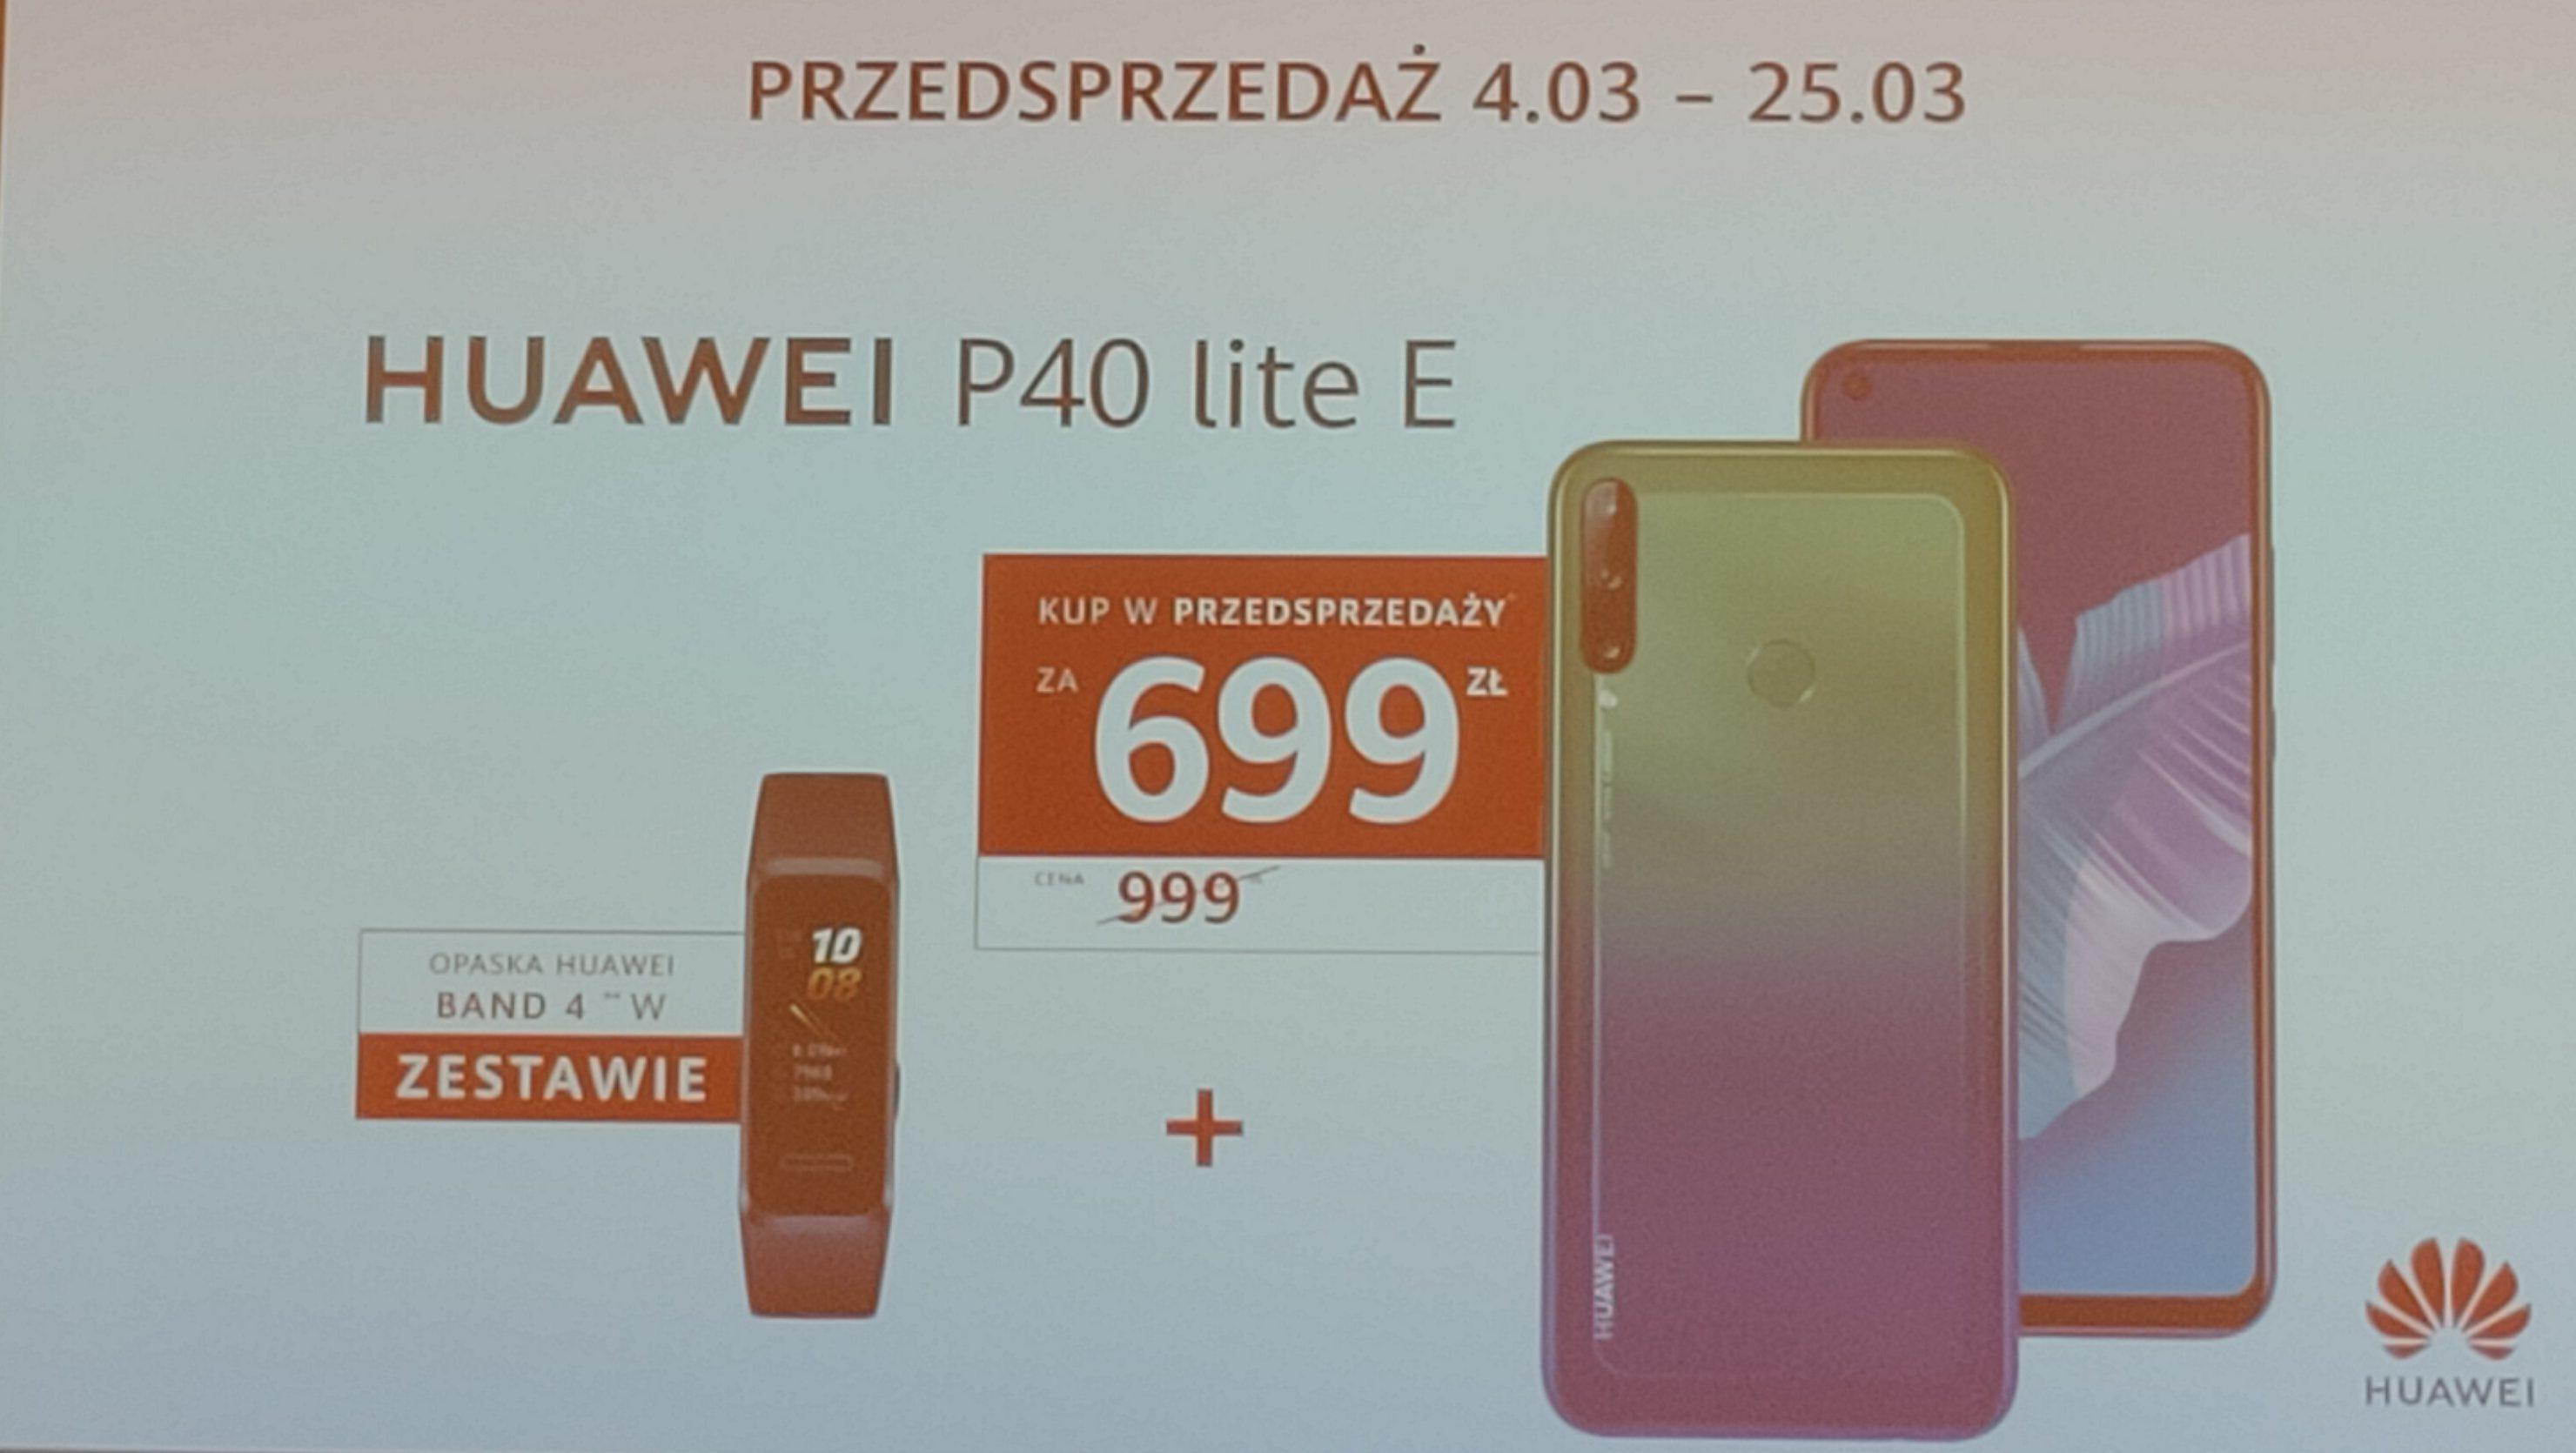 Huawei P40 Lite i P40 Lite E z opaską Band 4 w sensacyjnie niskich cenach podczas przedsprzedaży! 17